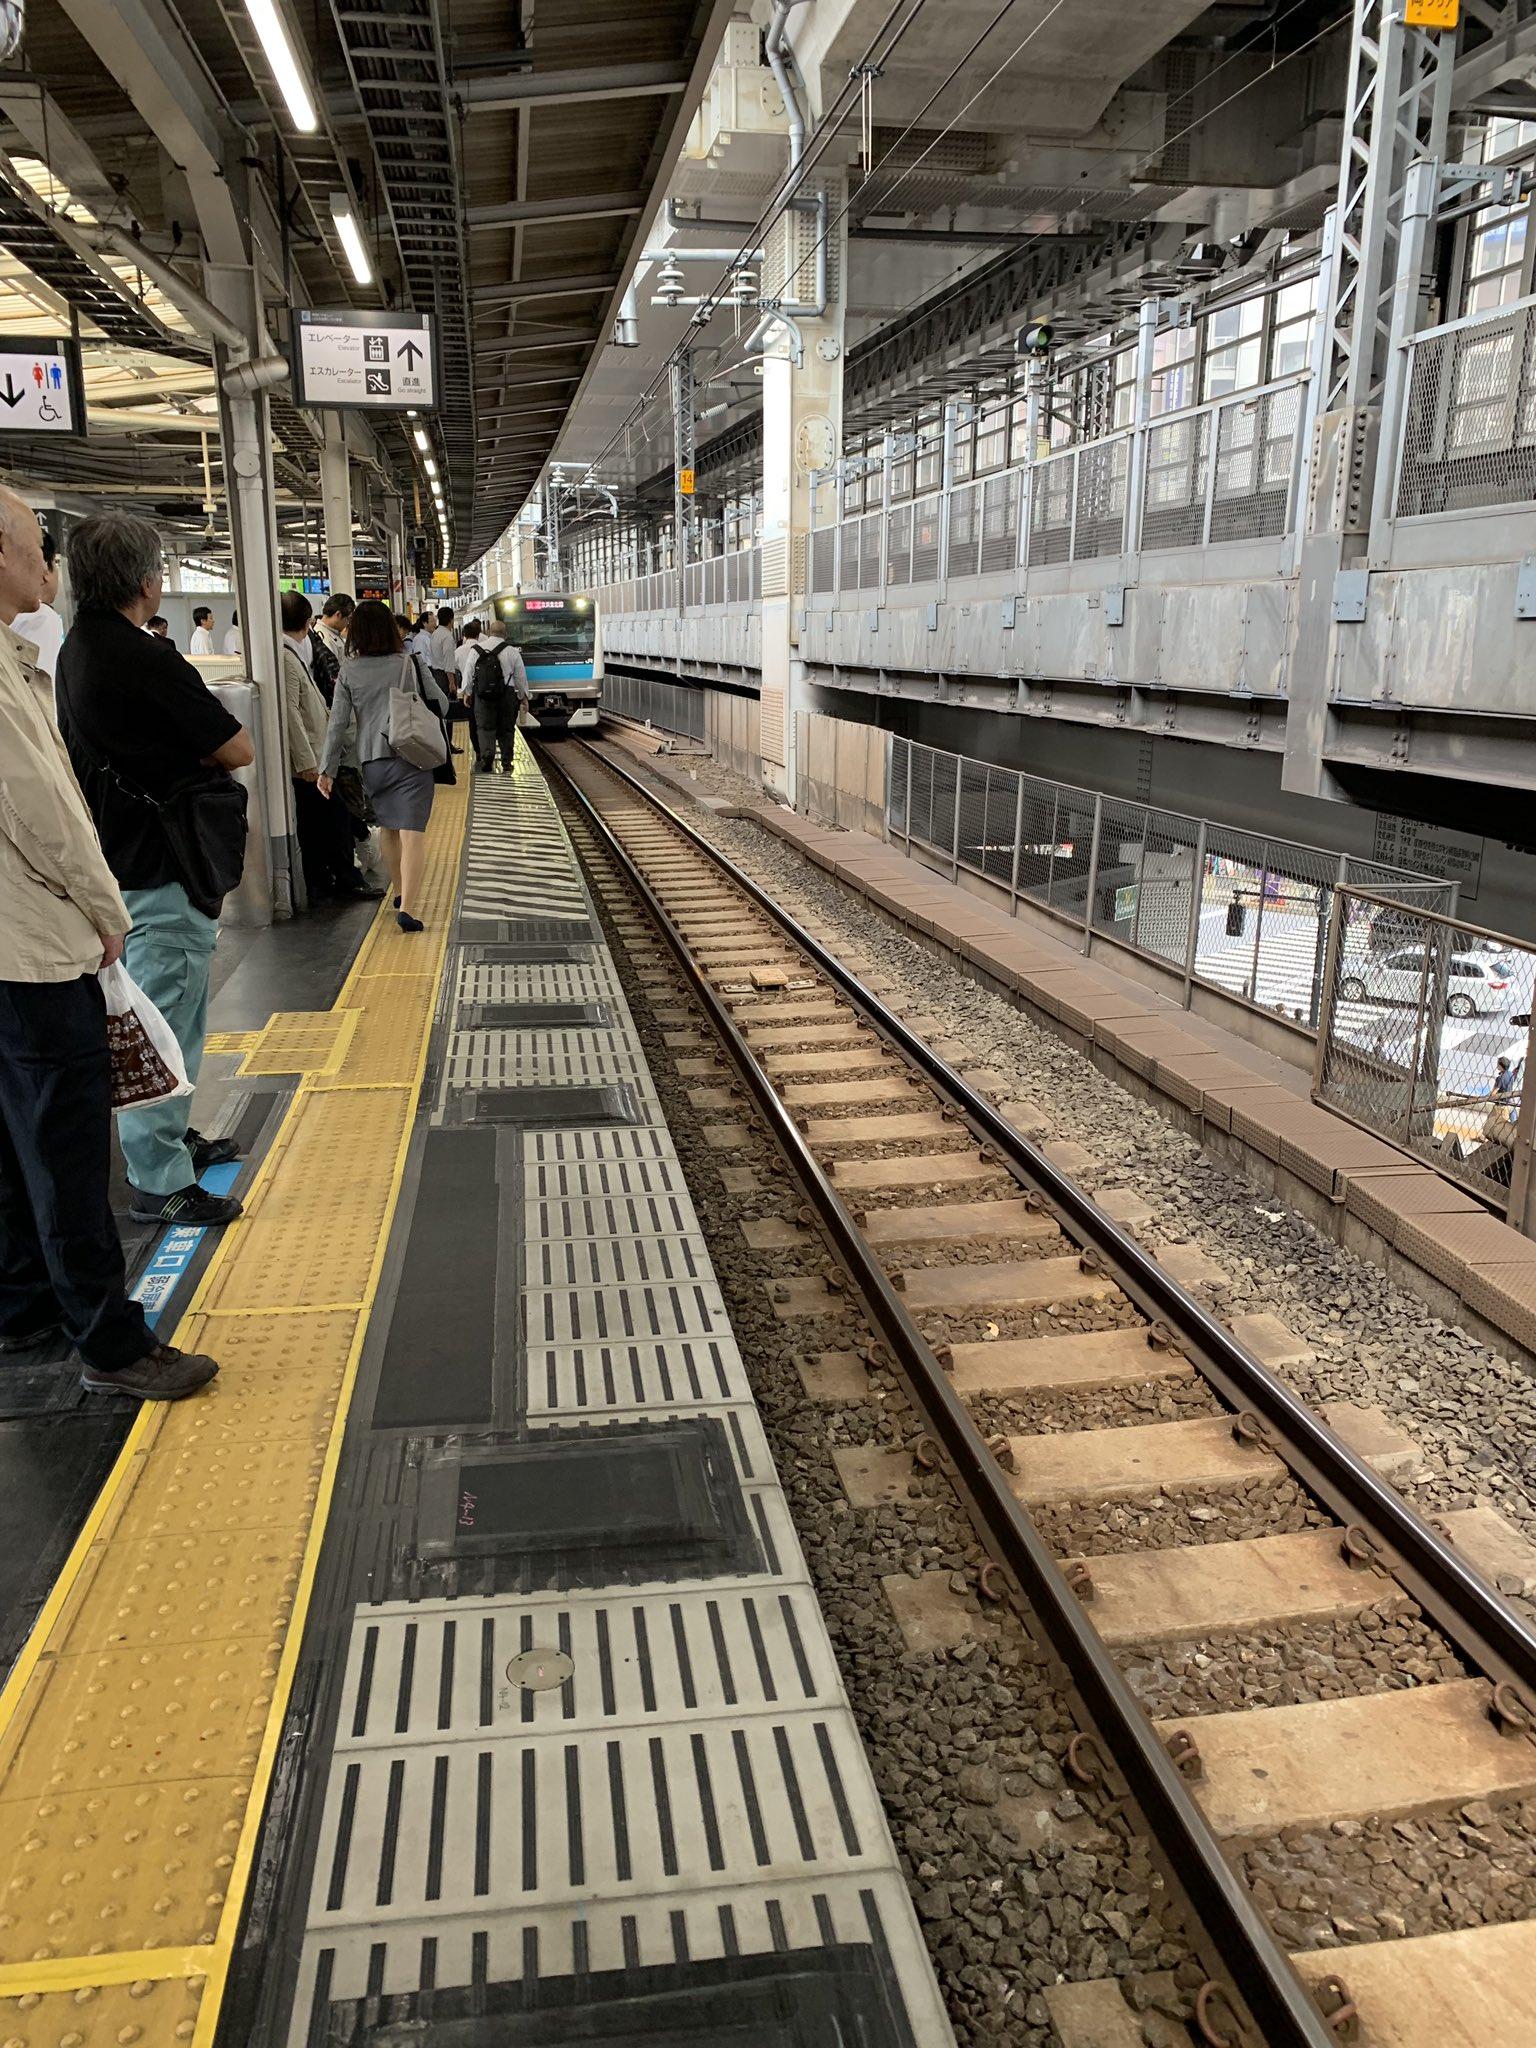 京浜東北線の神田駅で人身事故が起きた現場の画像